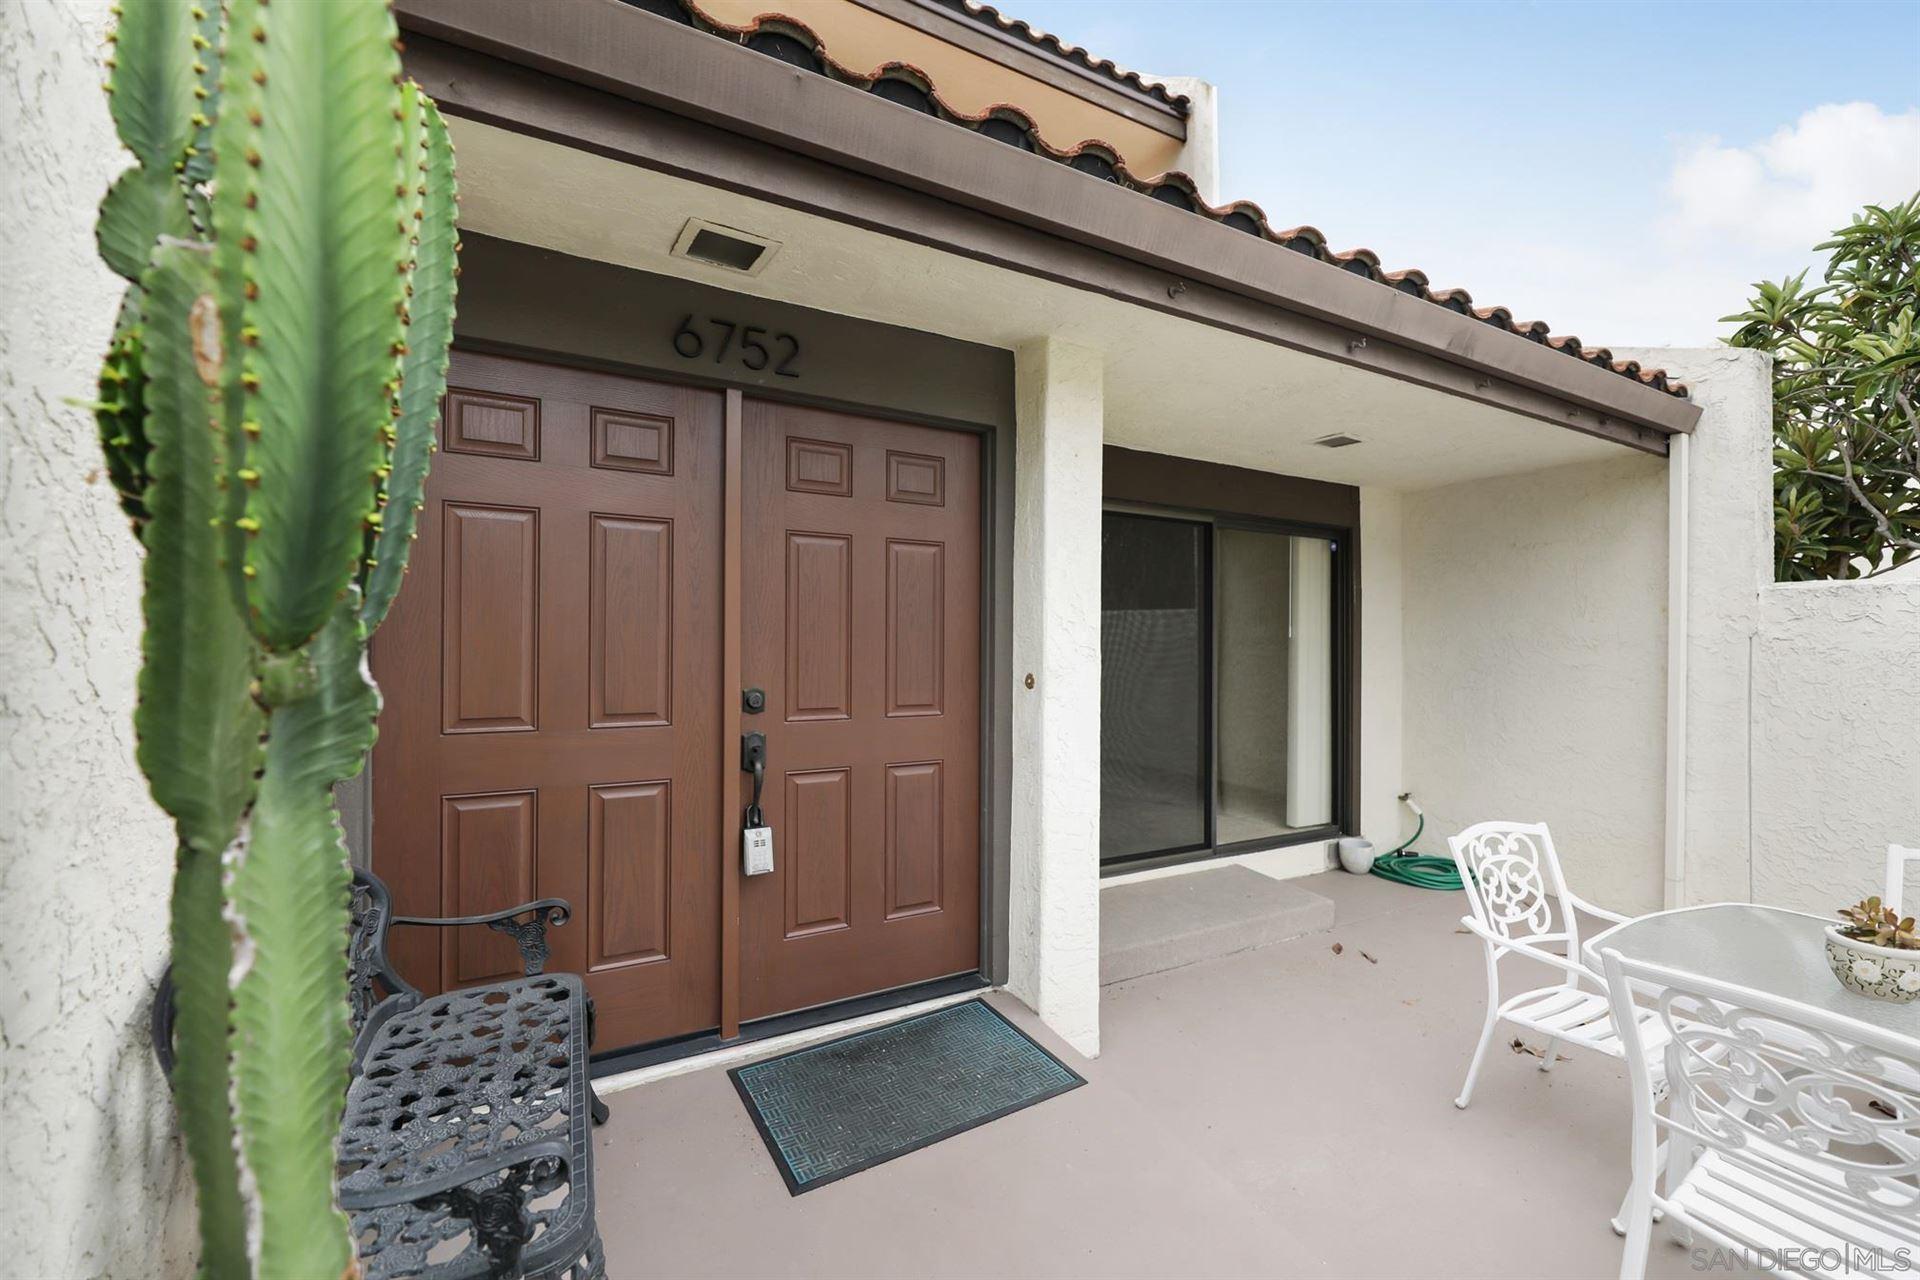 6752 Caminito Del Greco, San Diego, CA 92120 - MLS#: 210023705